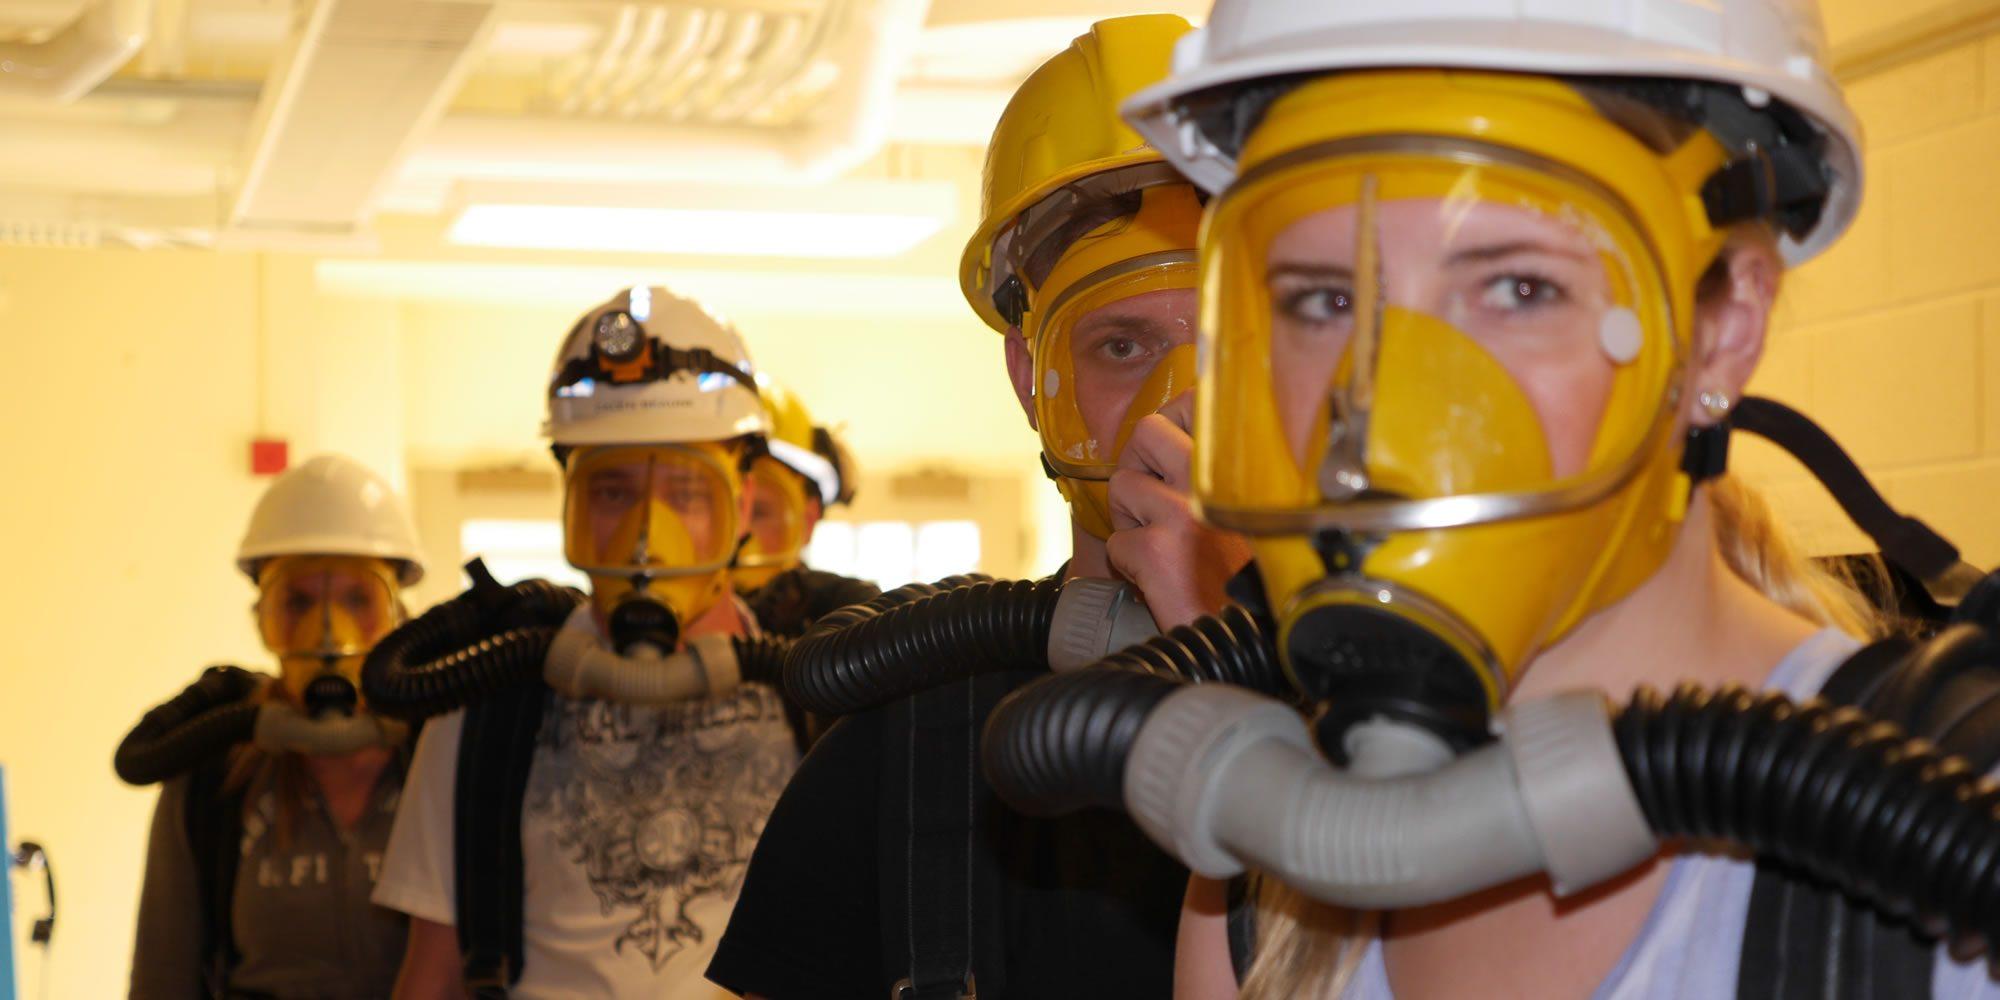 Queen's mining engineering students